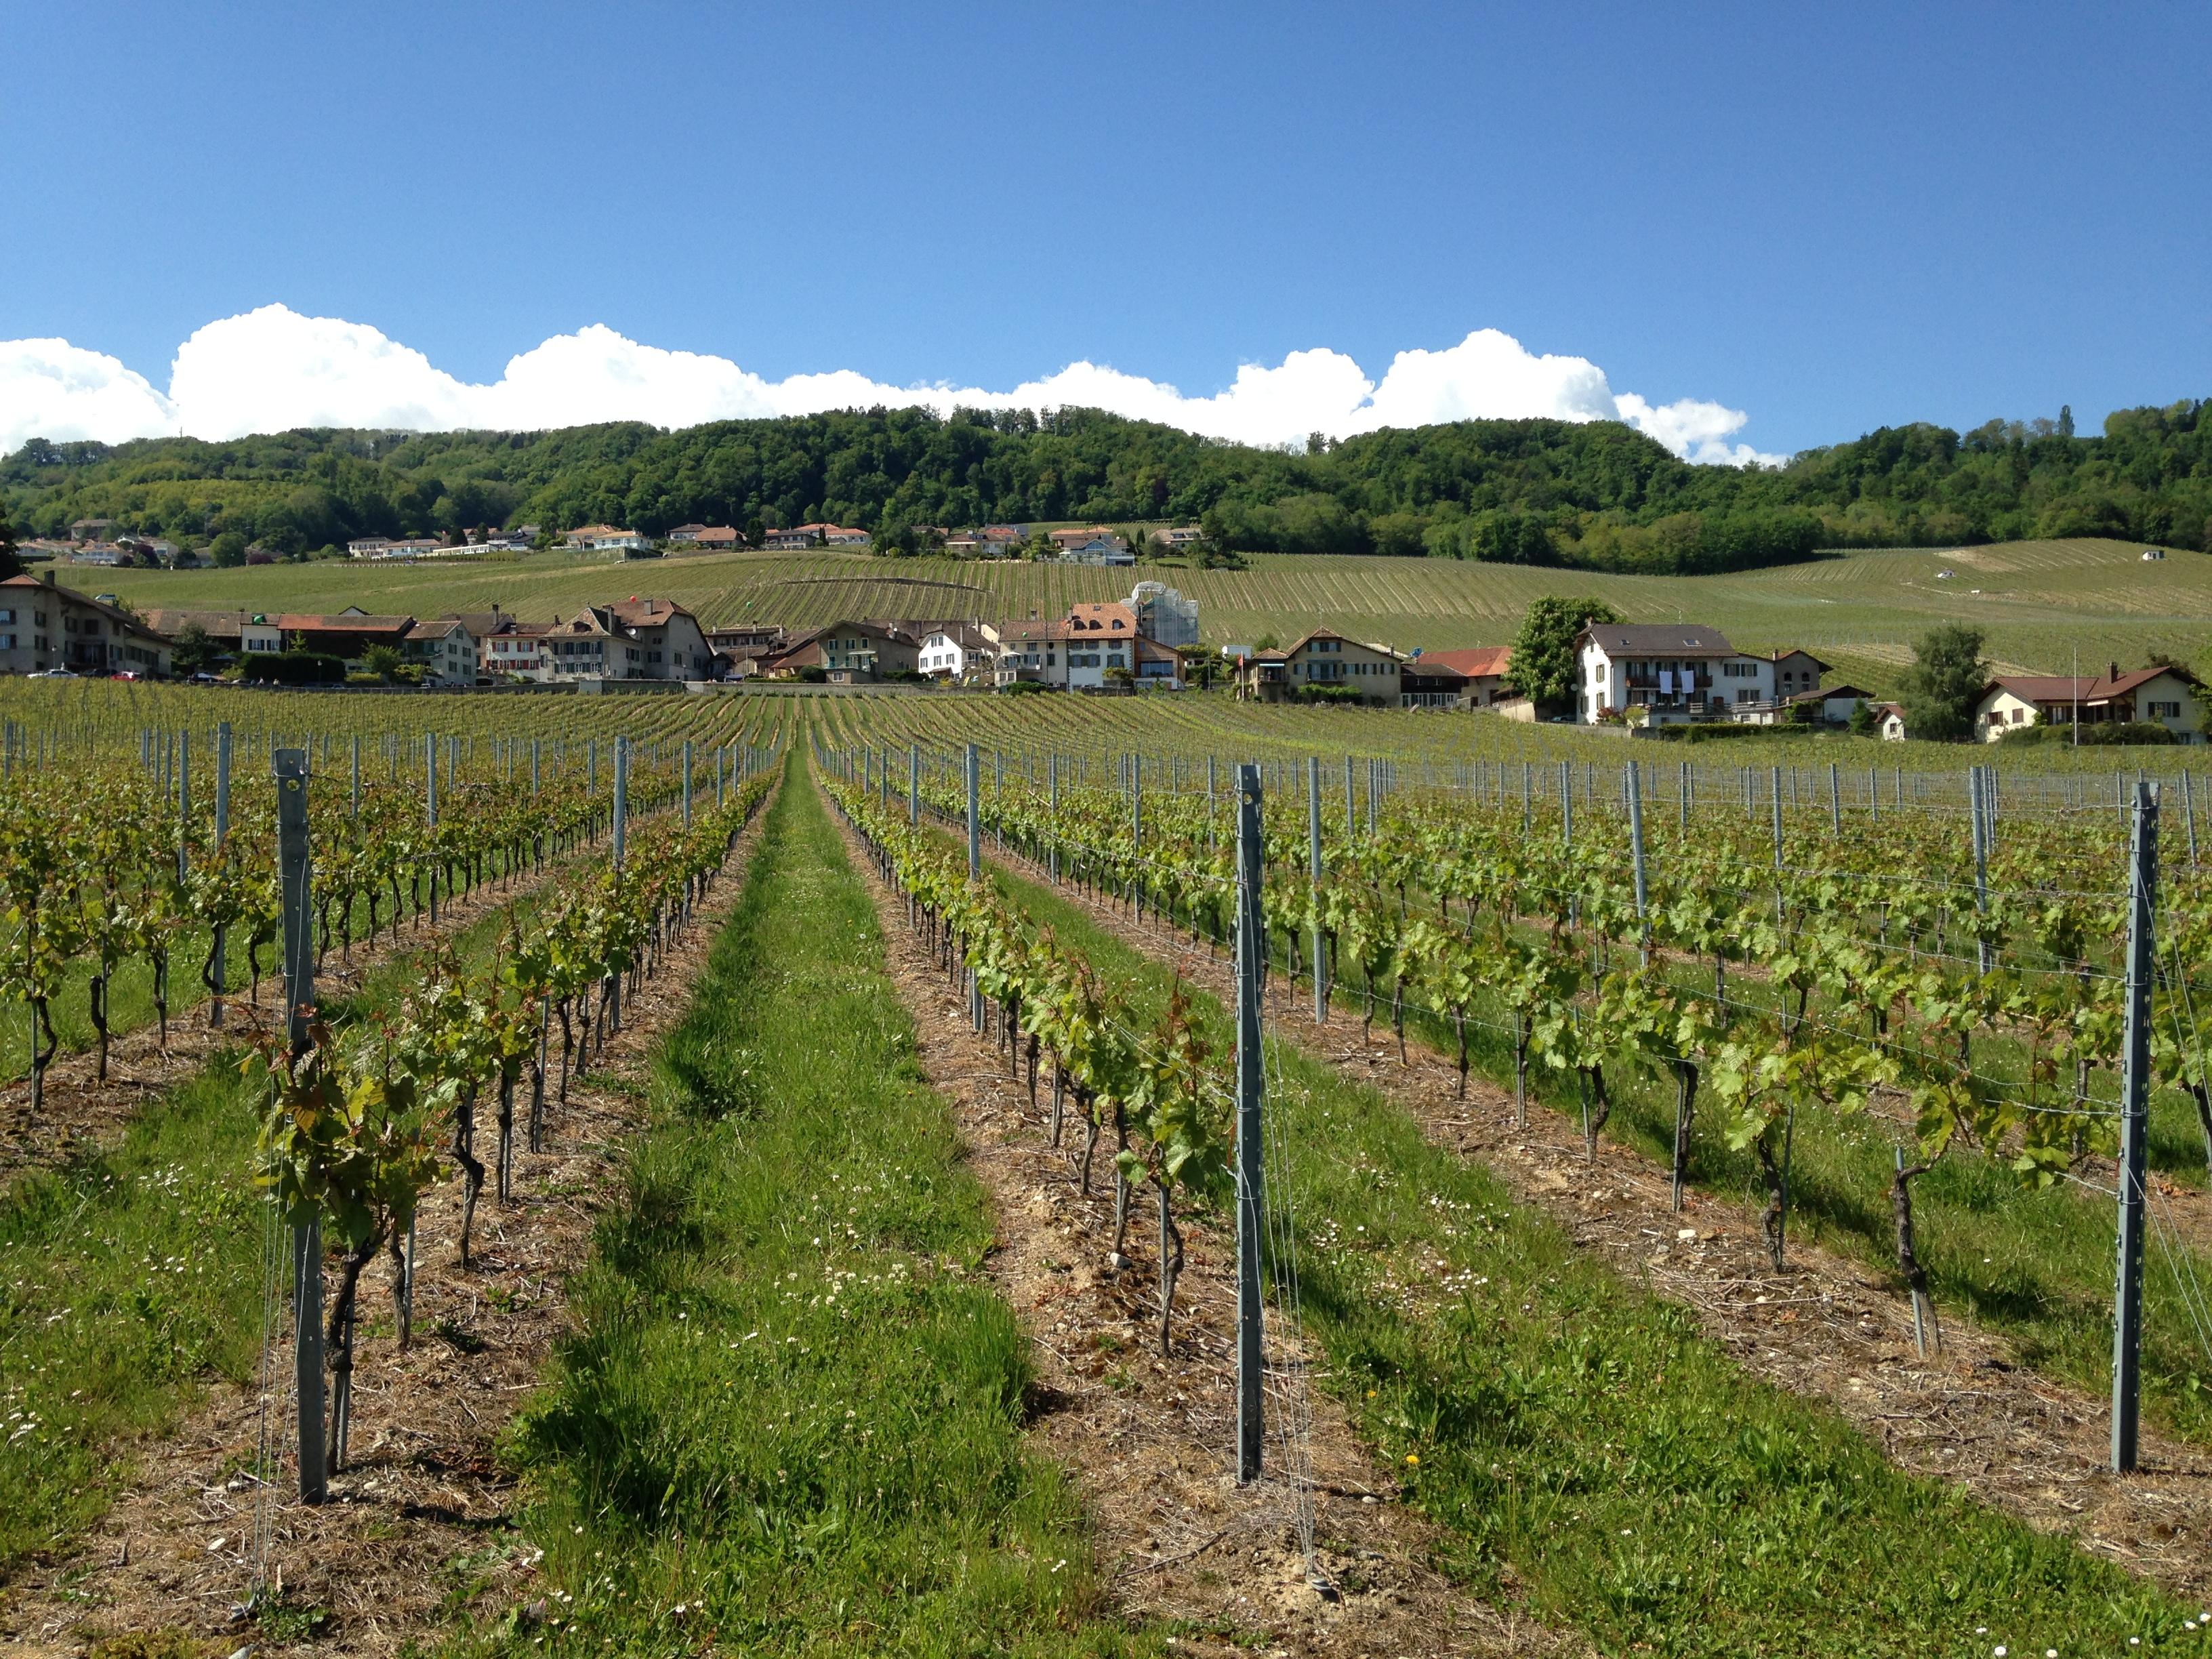 Región de vinos de Mont-sur-Rolle